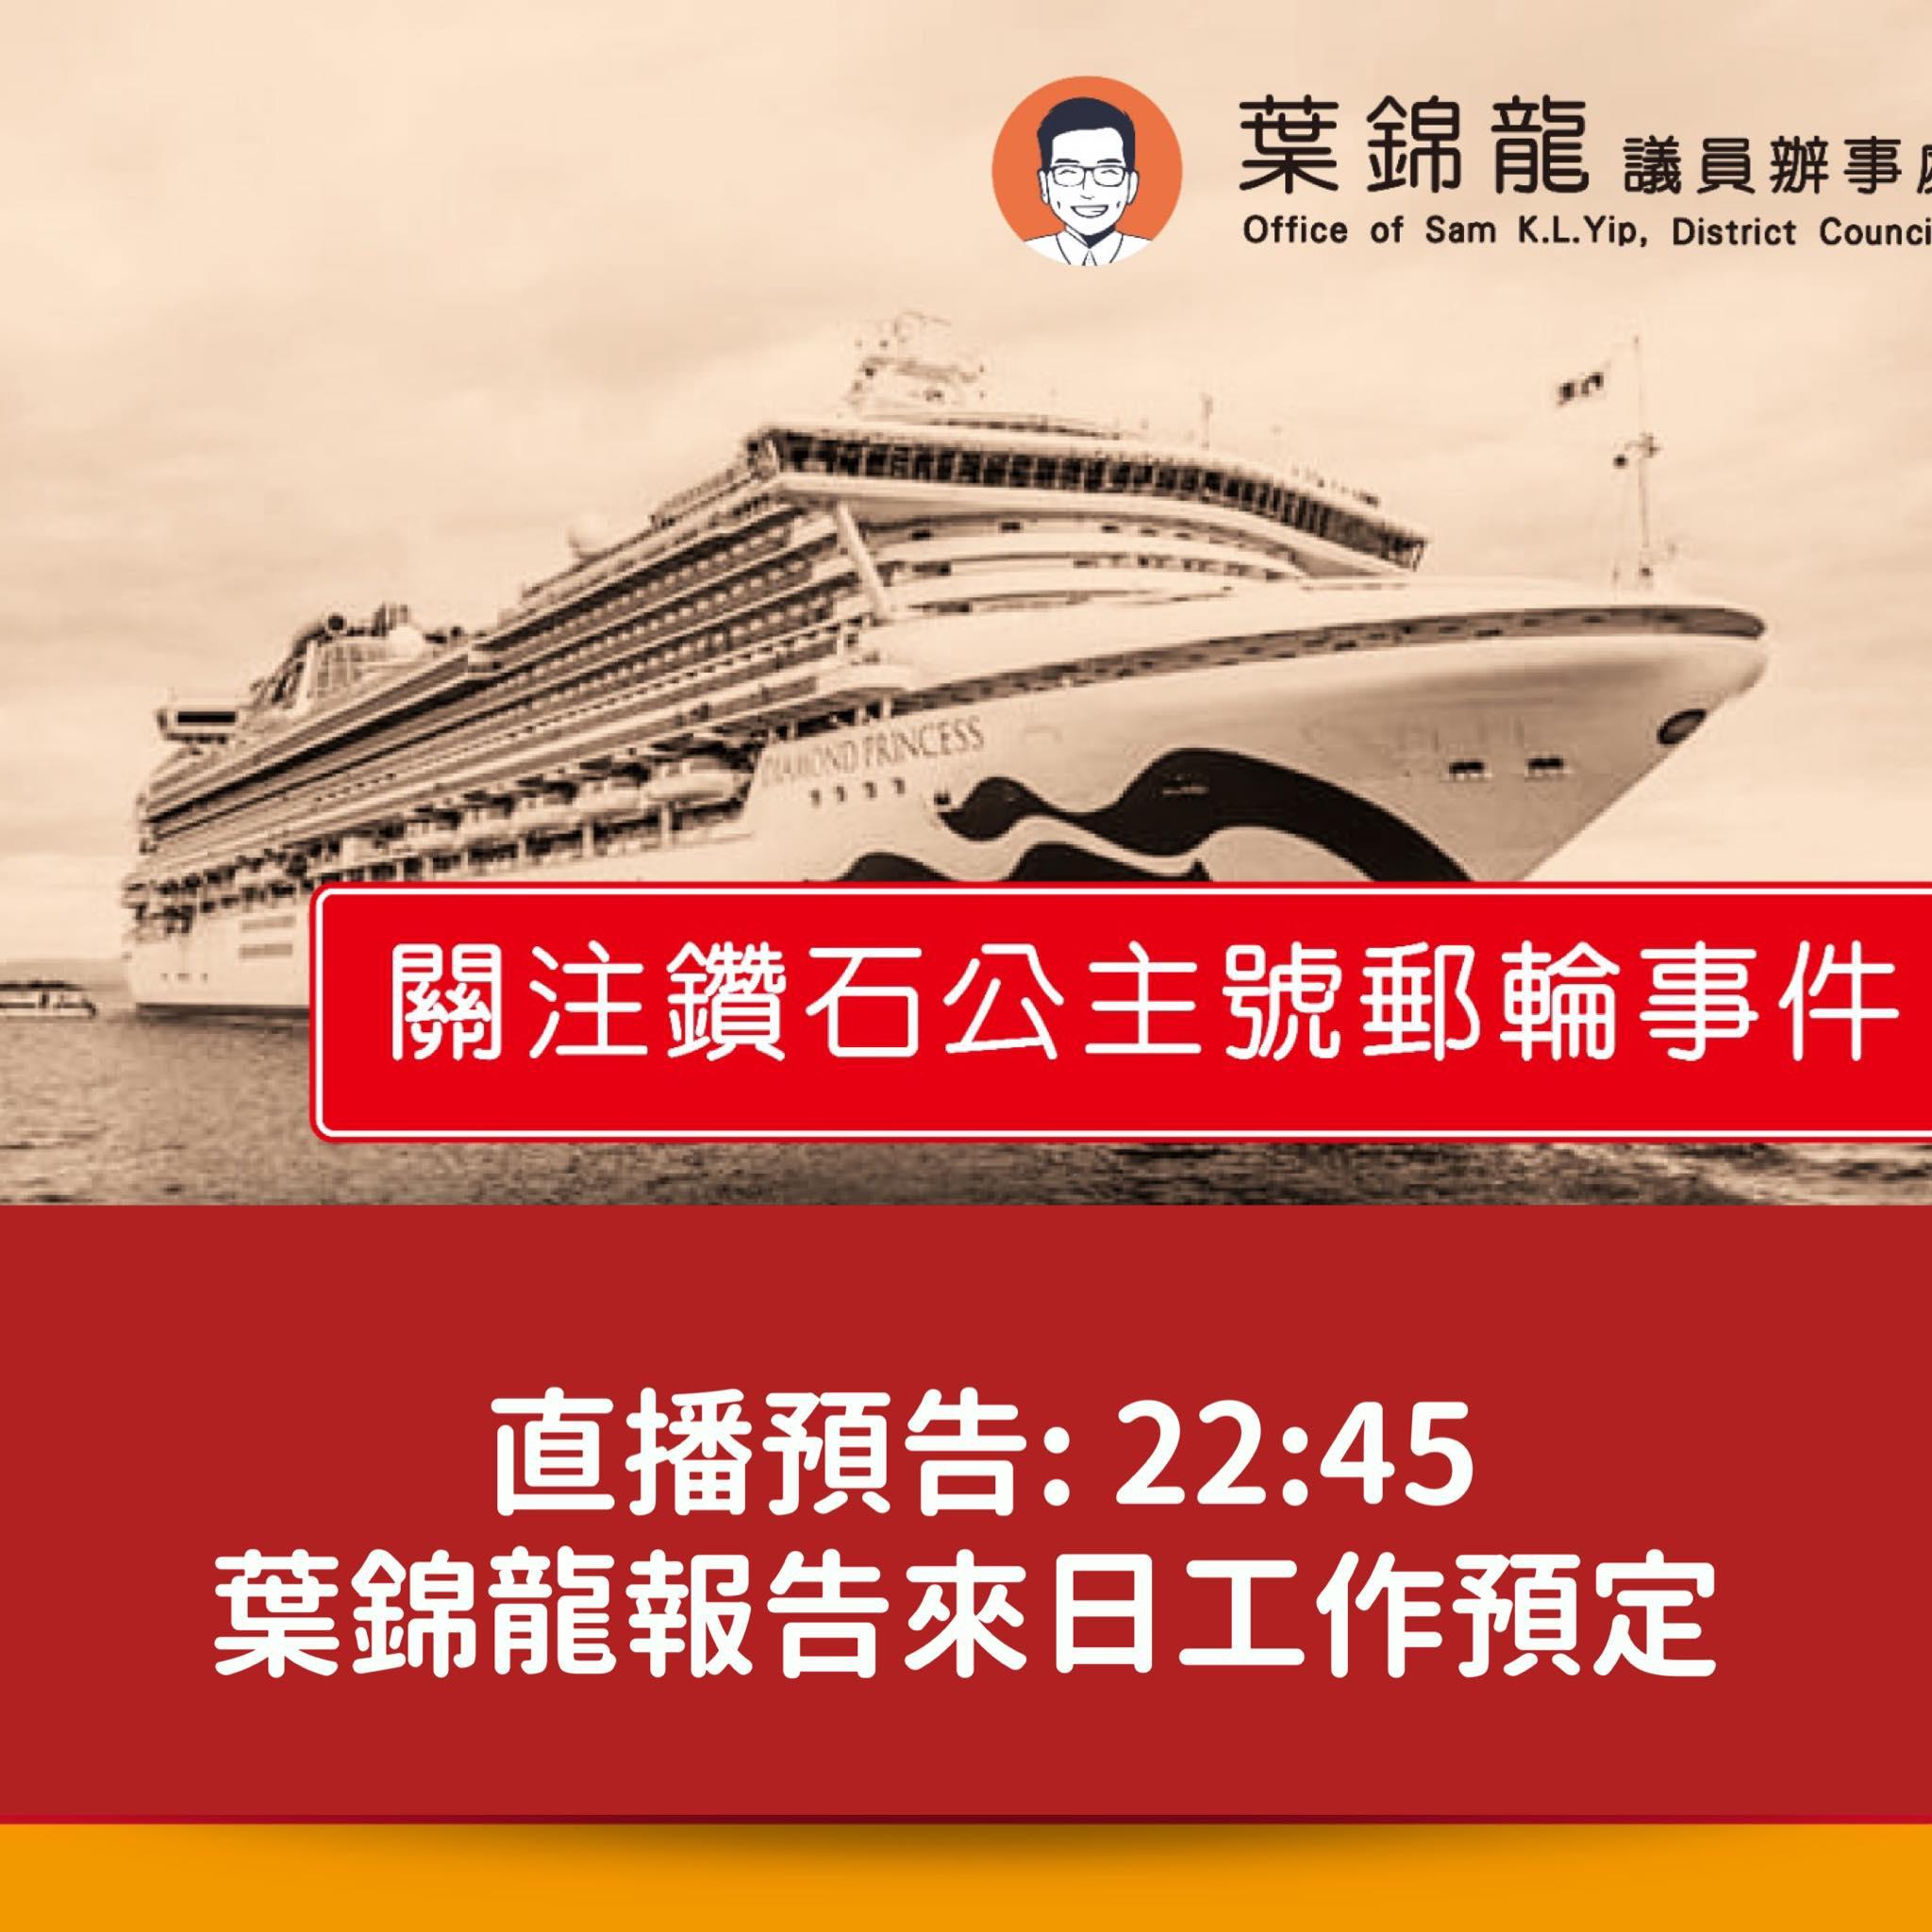 【22:45 直播預告】 葉錦龍報告來日關注鑽石公主號港人及抗疫相關工作重點